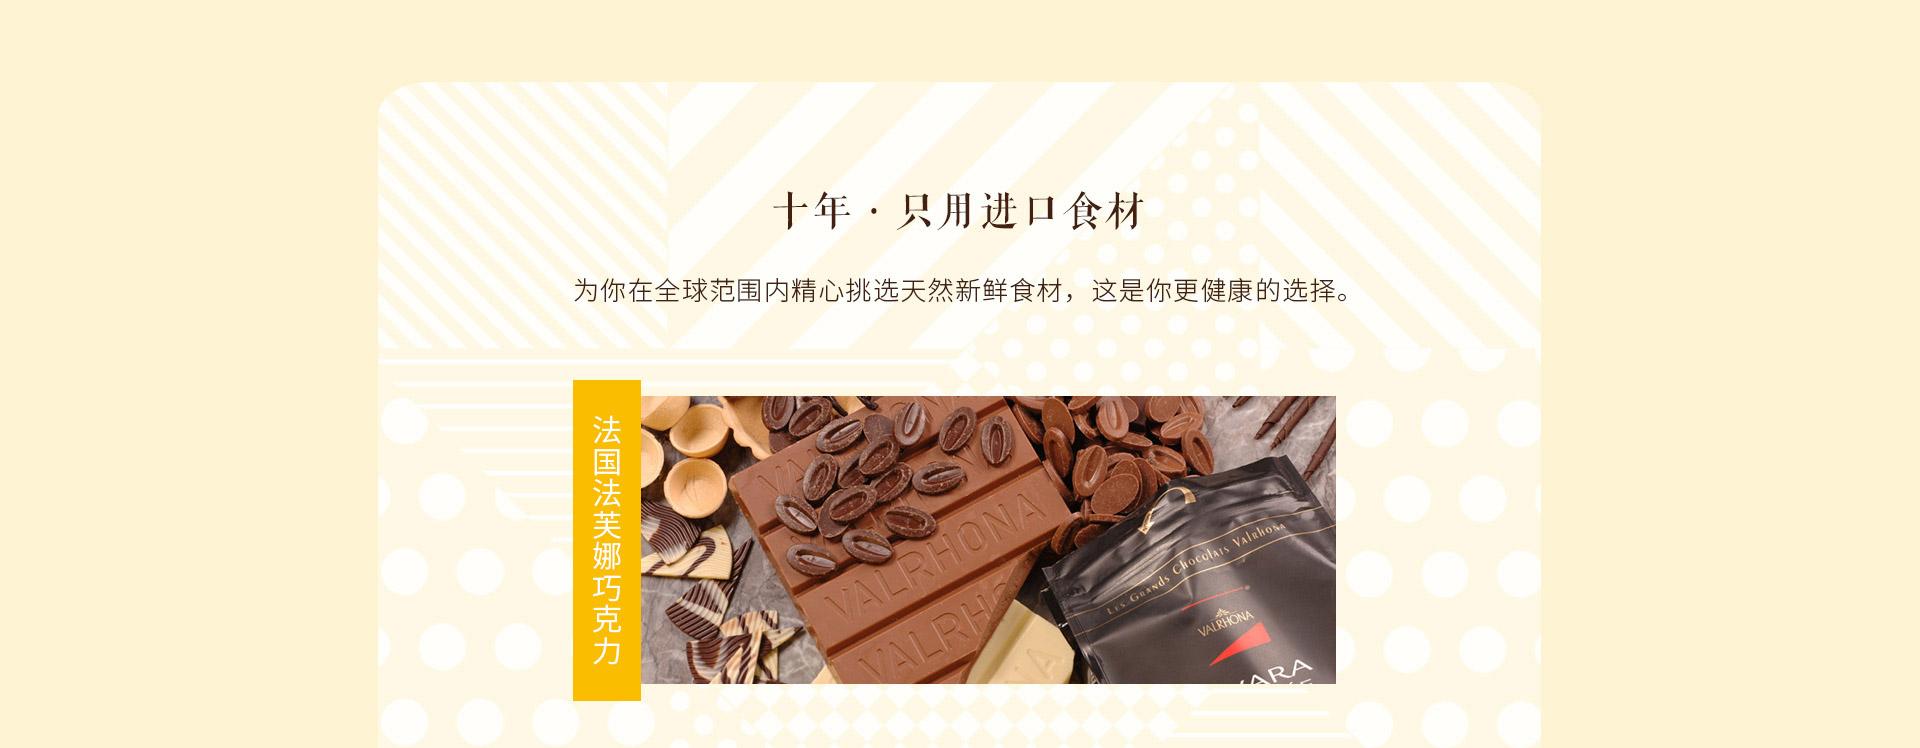 优选食材 法国法芙娜巧克力